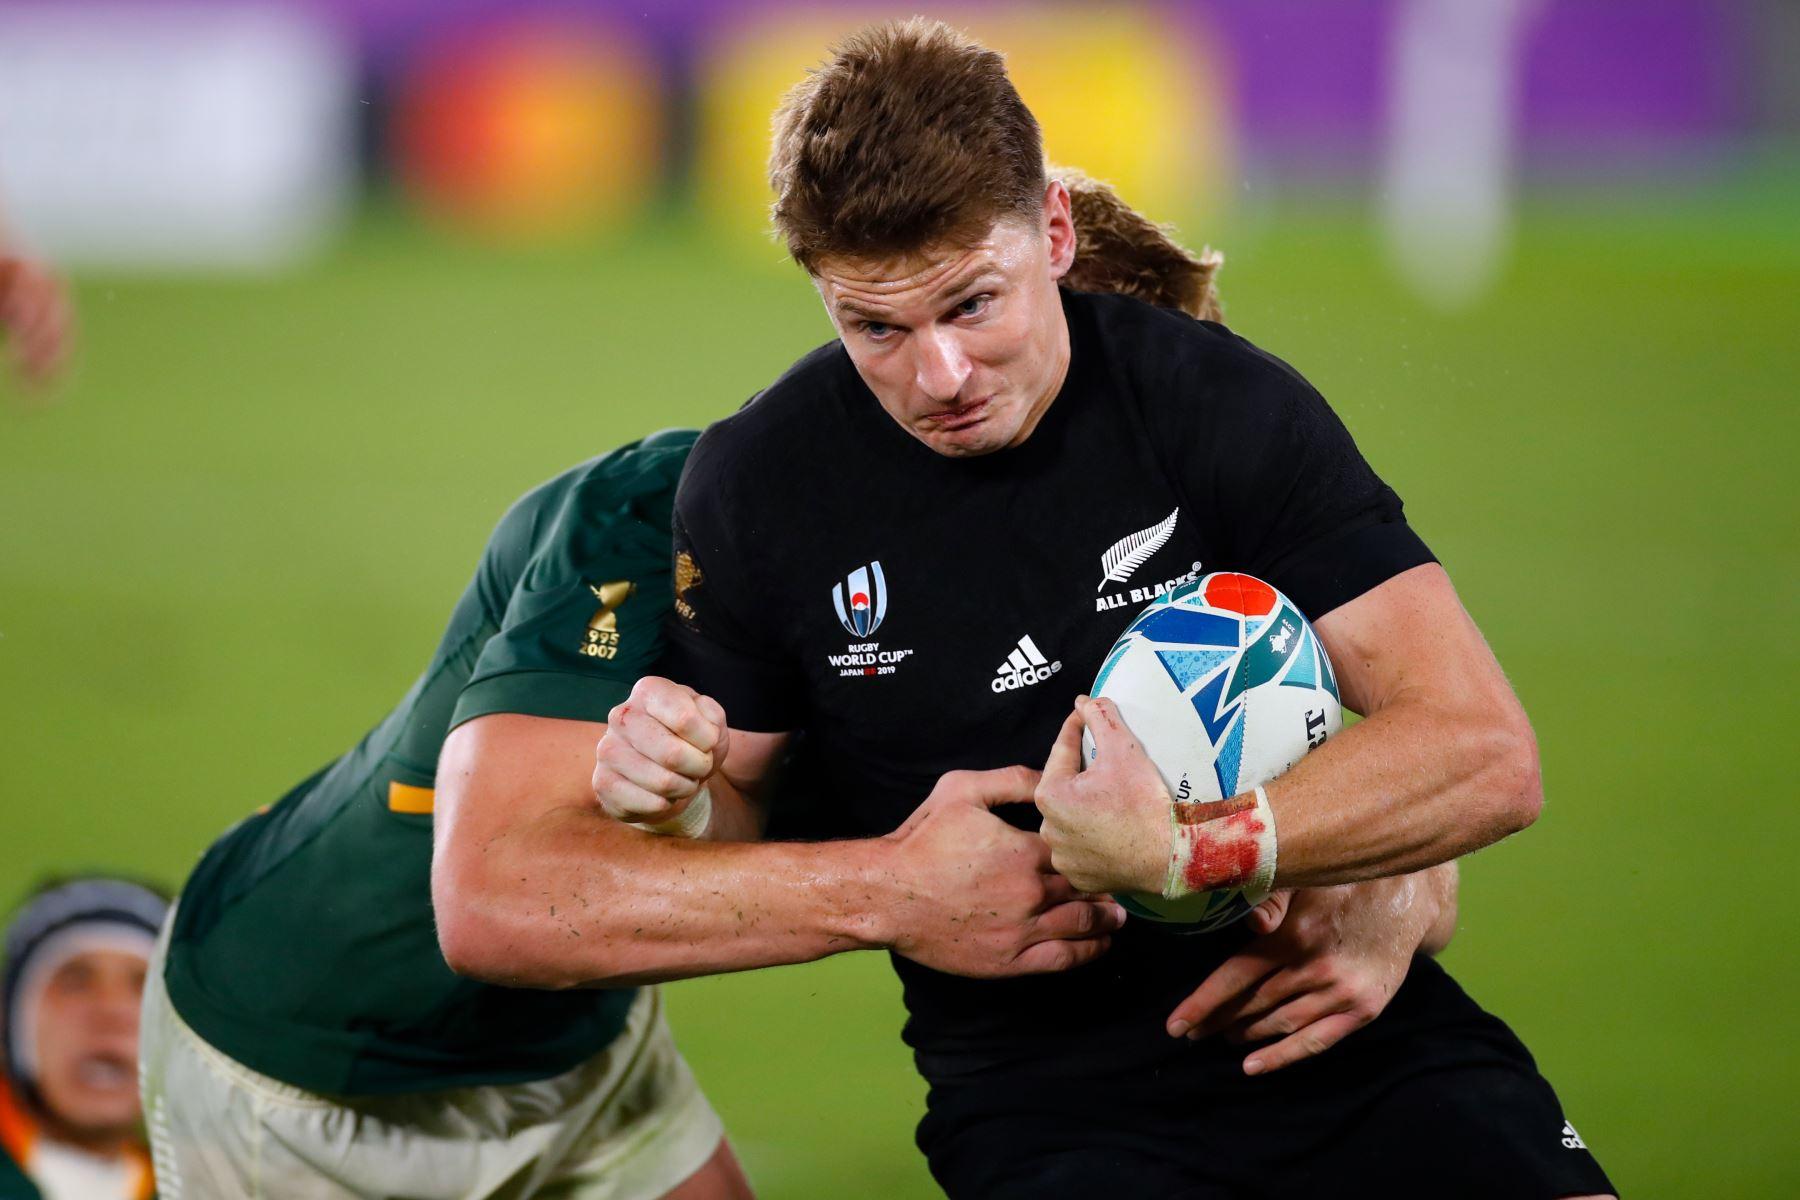 El lateral completo de Nueva Zelanda, Beauden Barrett (R), corre con el balón durante el partido del Grupo B de la Copa Mundial de Rugby de Japón 2019 entre Nueva Zelanda y Sudáfrica. Foto: AFP